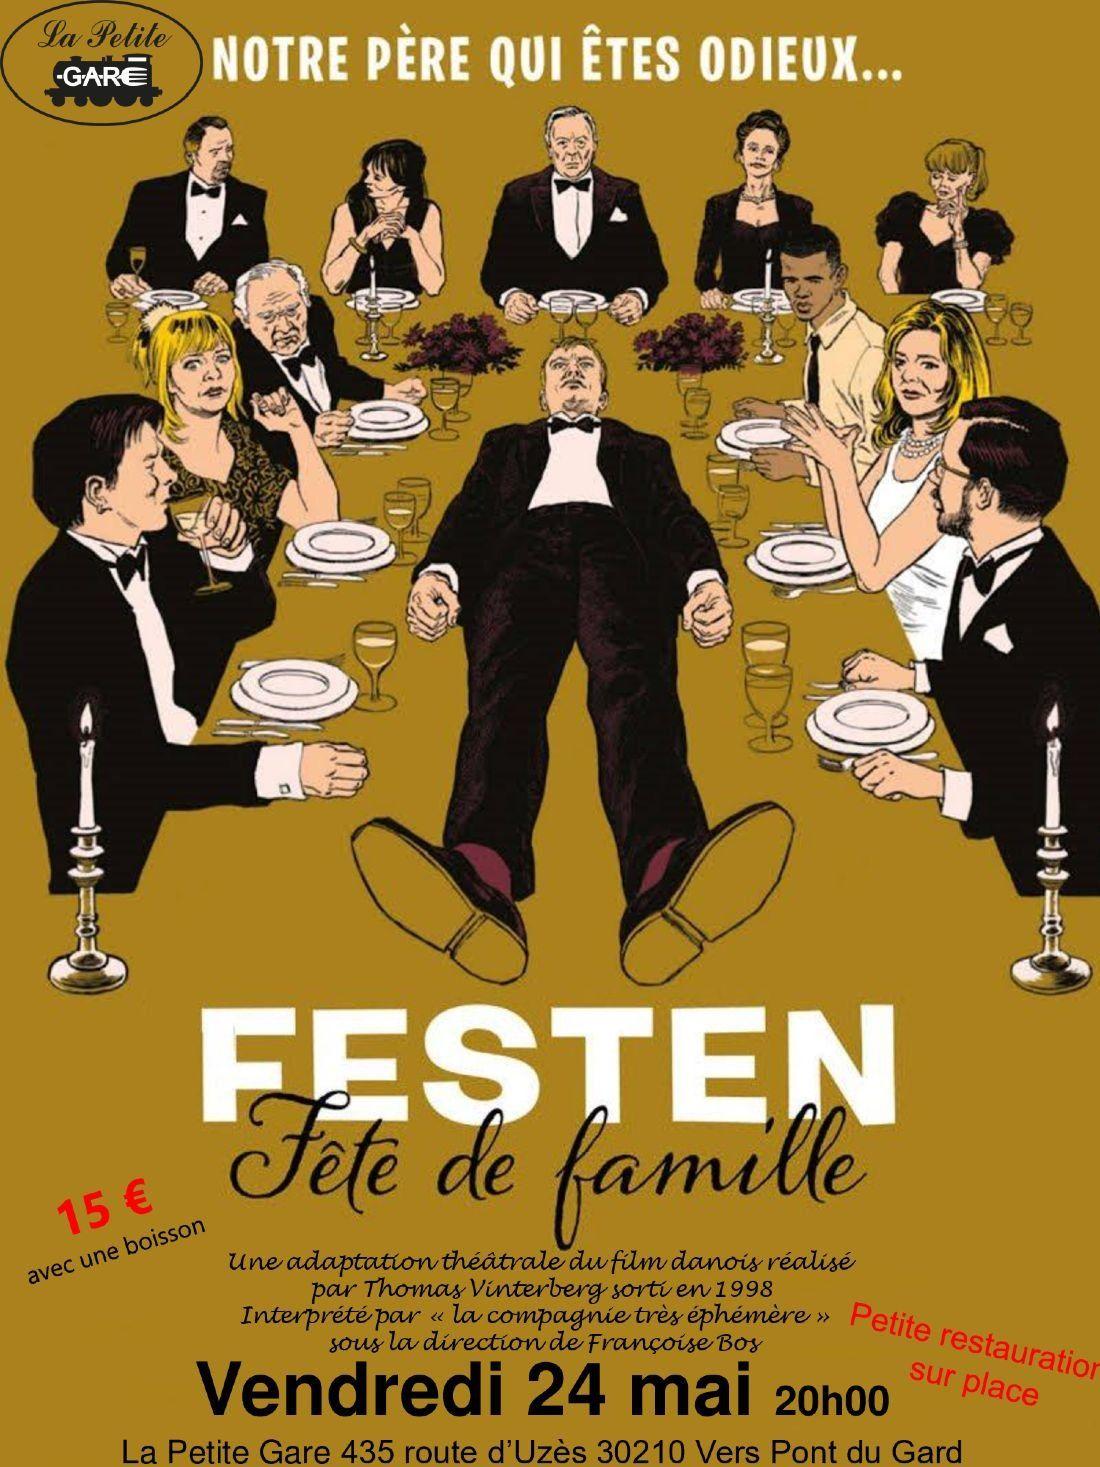 Thatre Festen